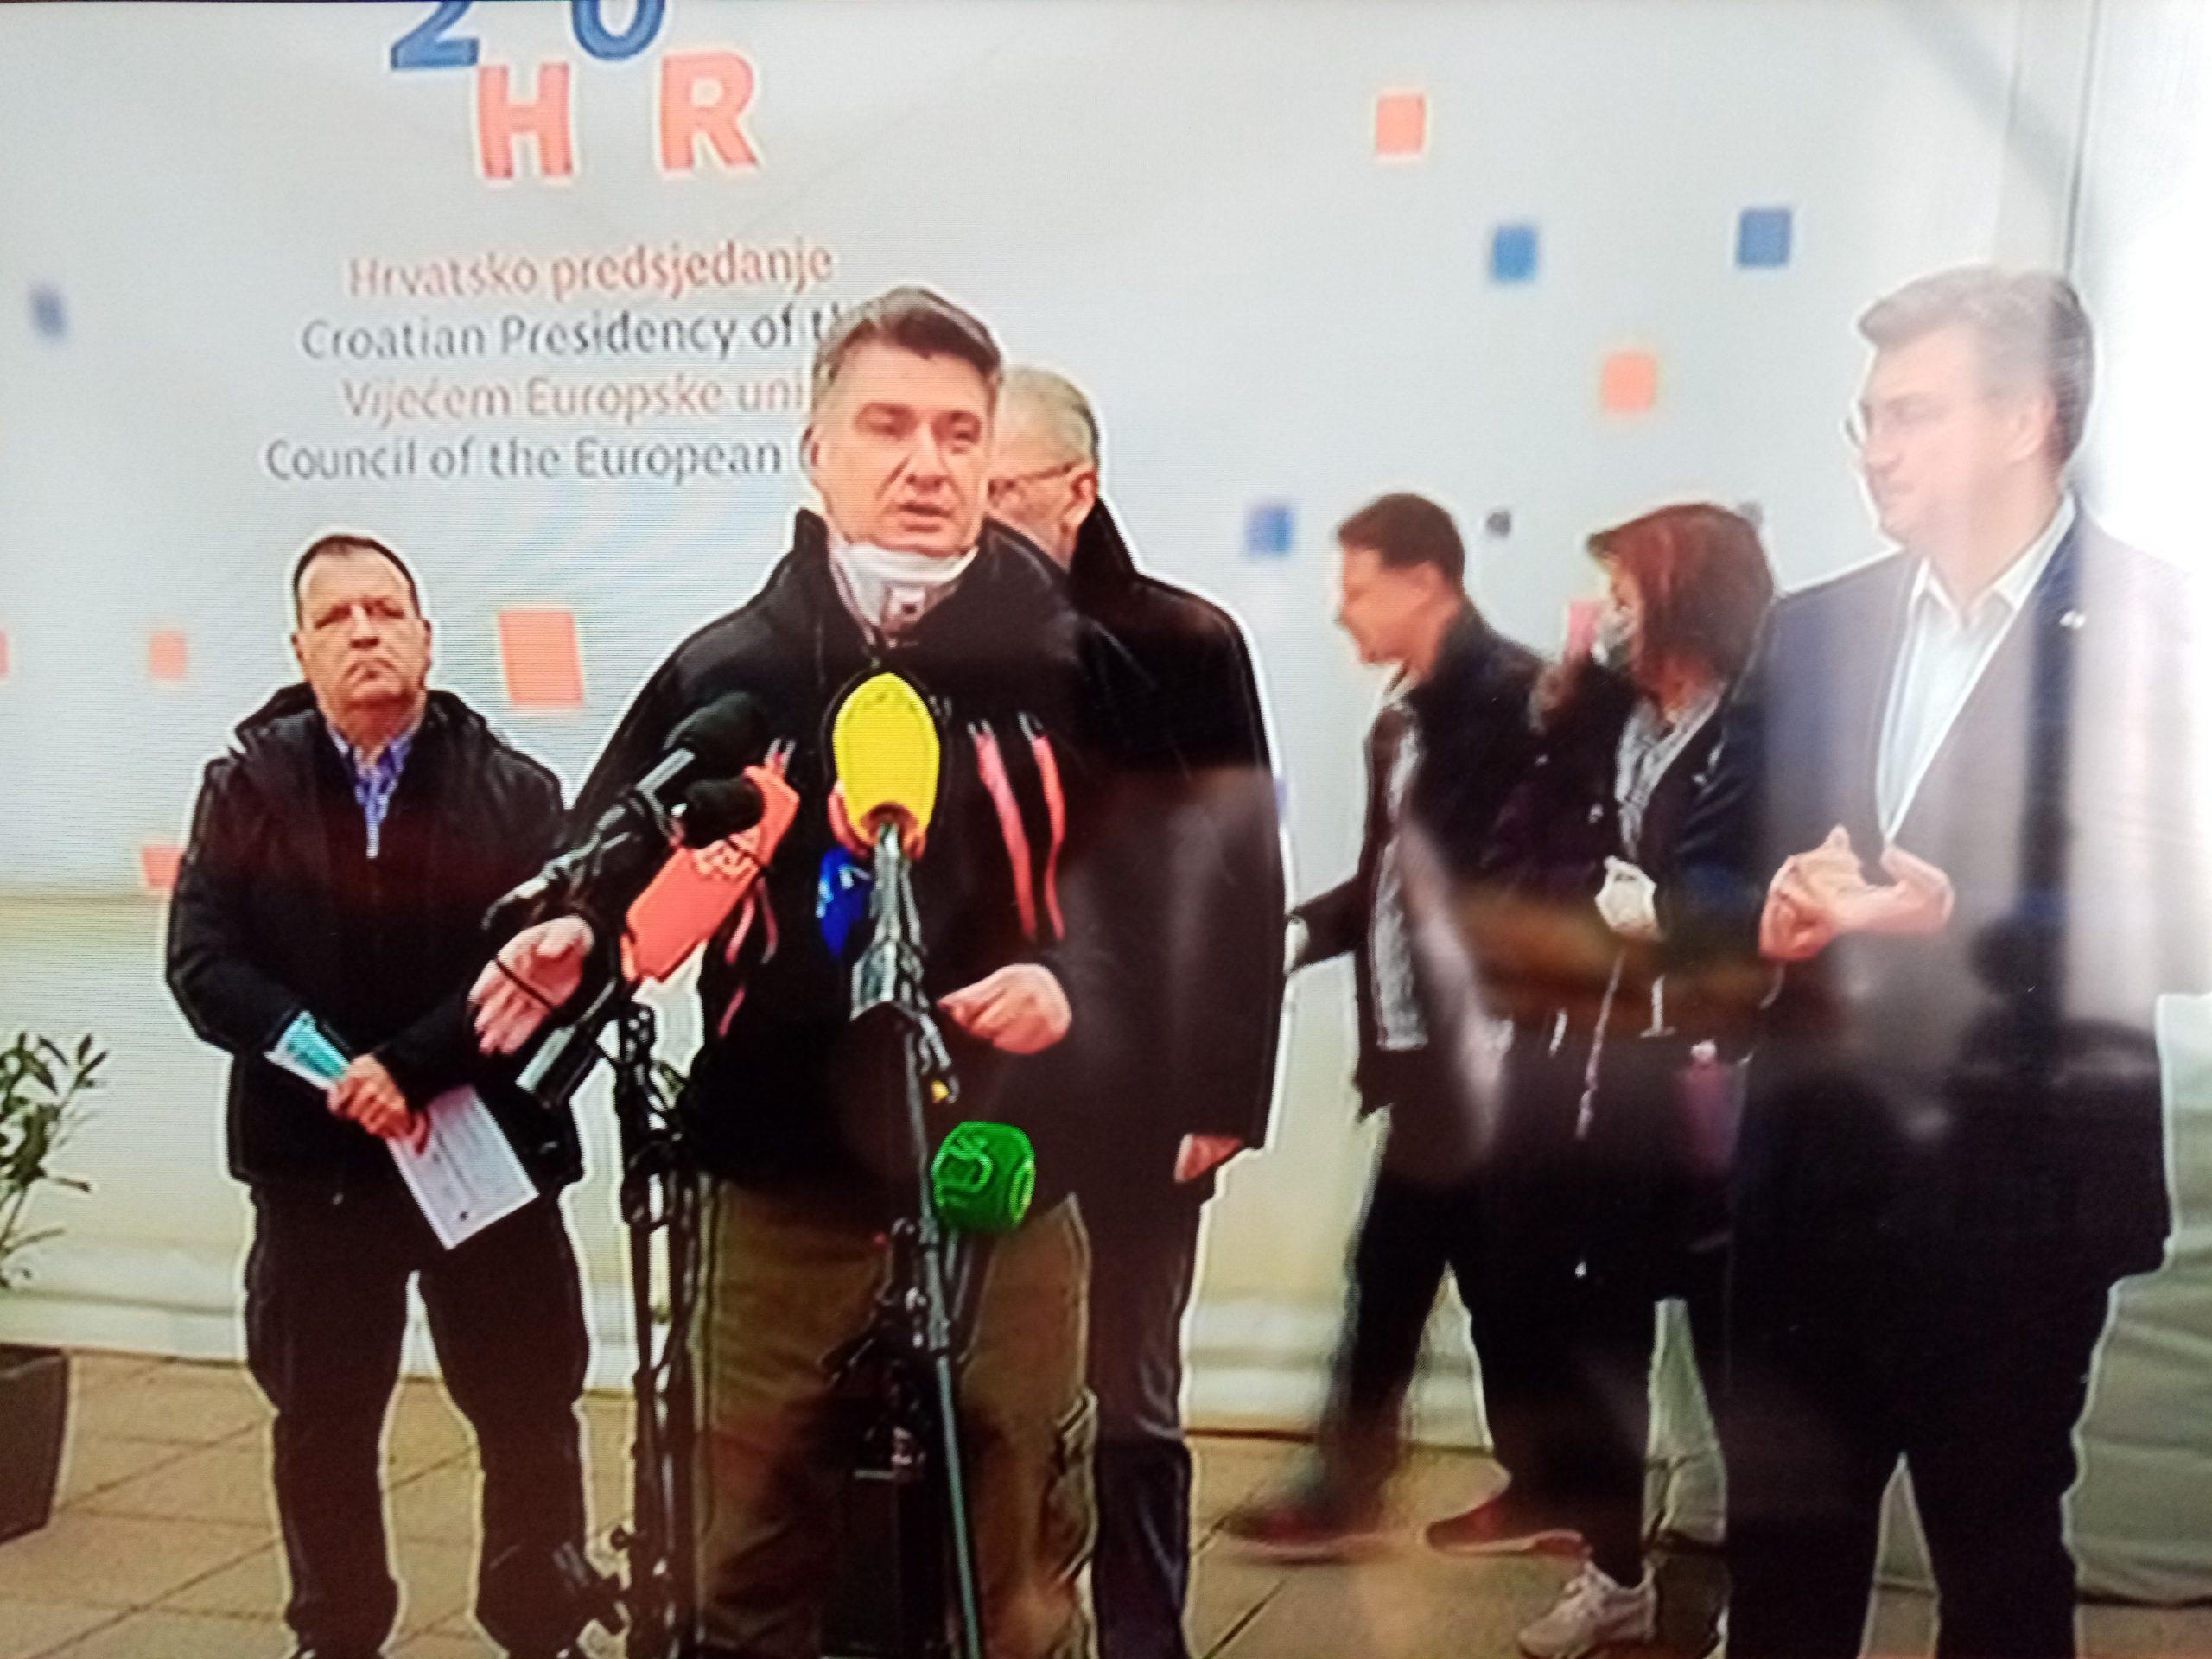 DRŽAVNI VRH NA OKUPU Predsjednik Milanović poručio građanima da slušaju samo Stožer i Vladu